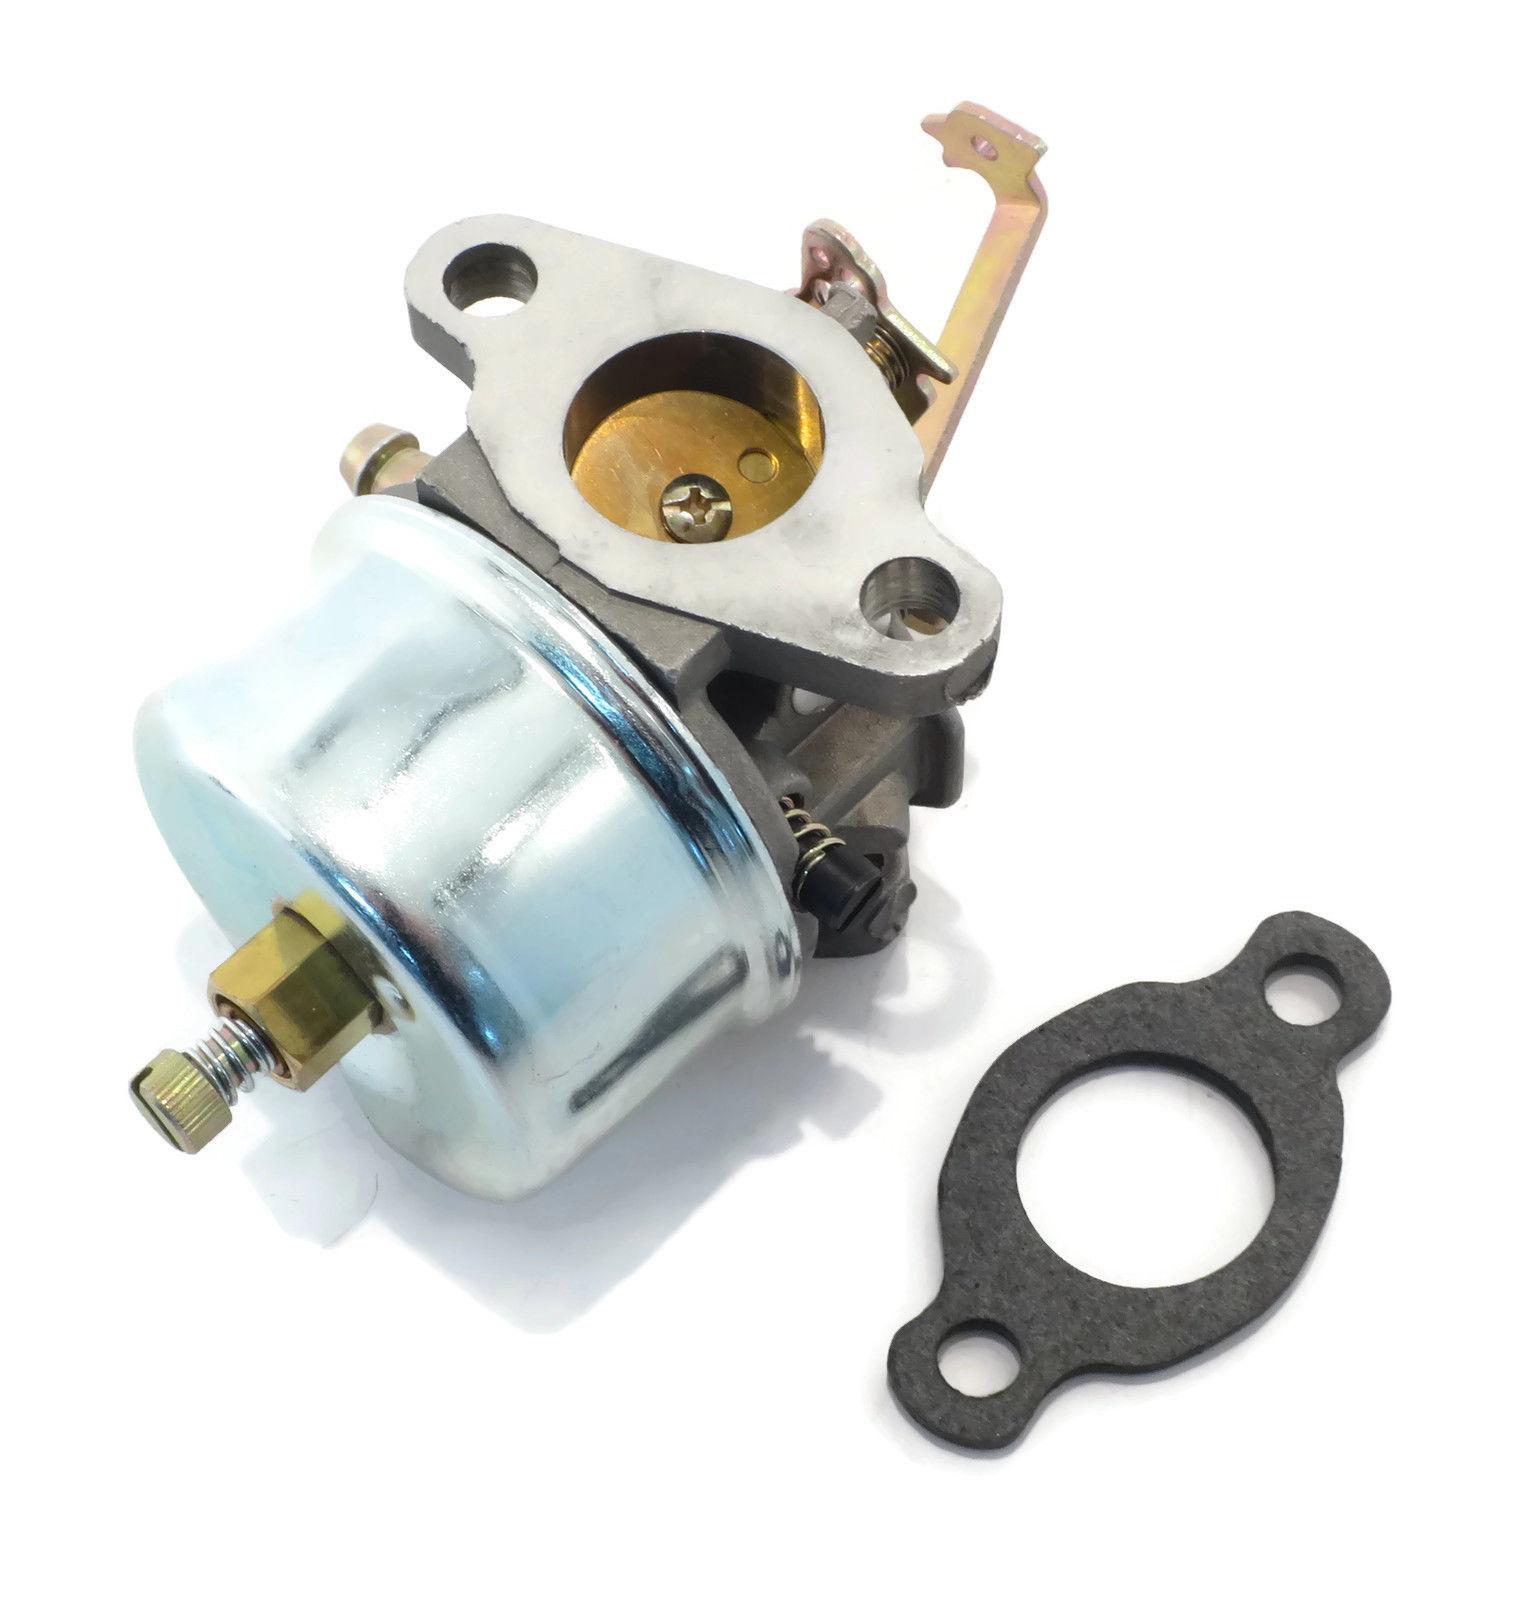 632230 632272 Carburetor Kit Fit For Replace Tecumseh 5HP 6HP H30 H50 H60 HH60